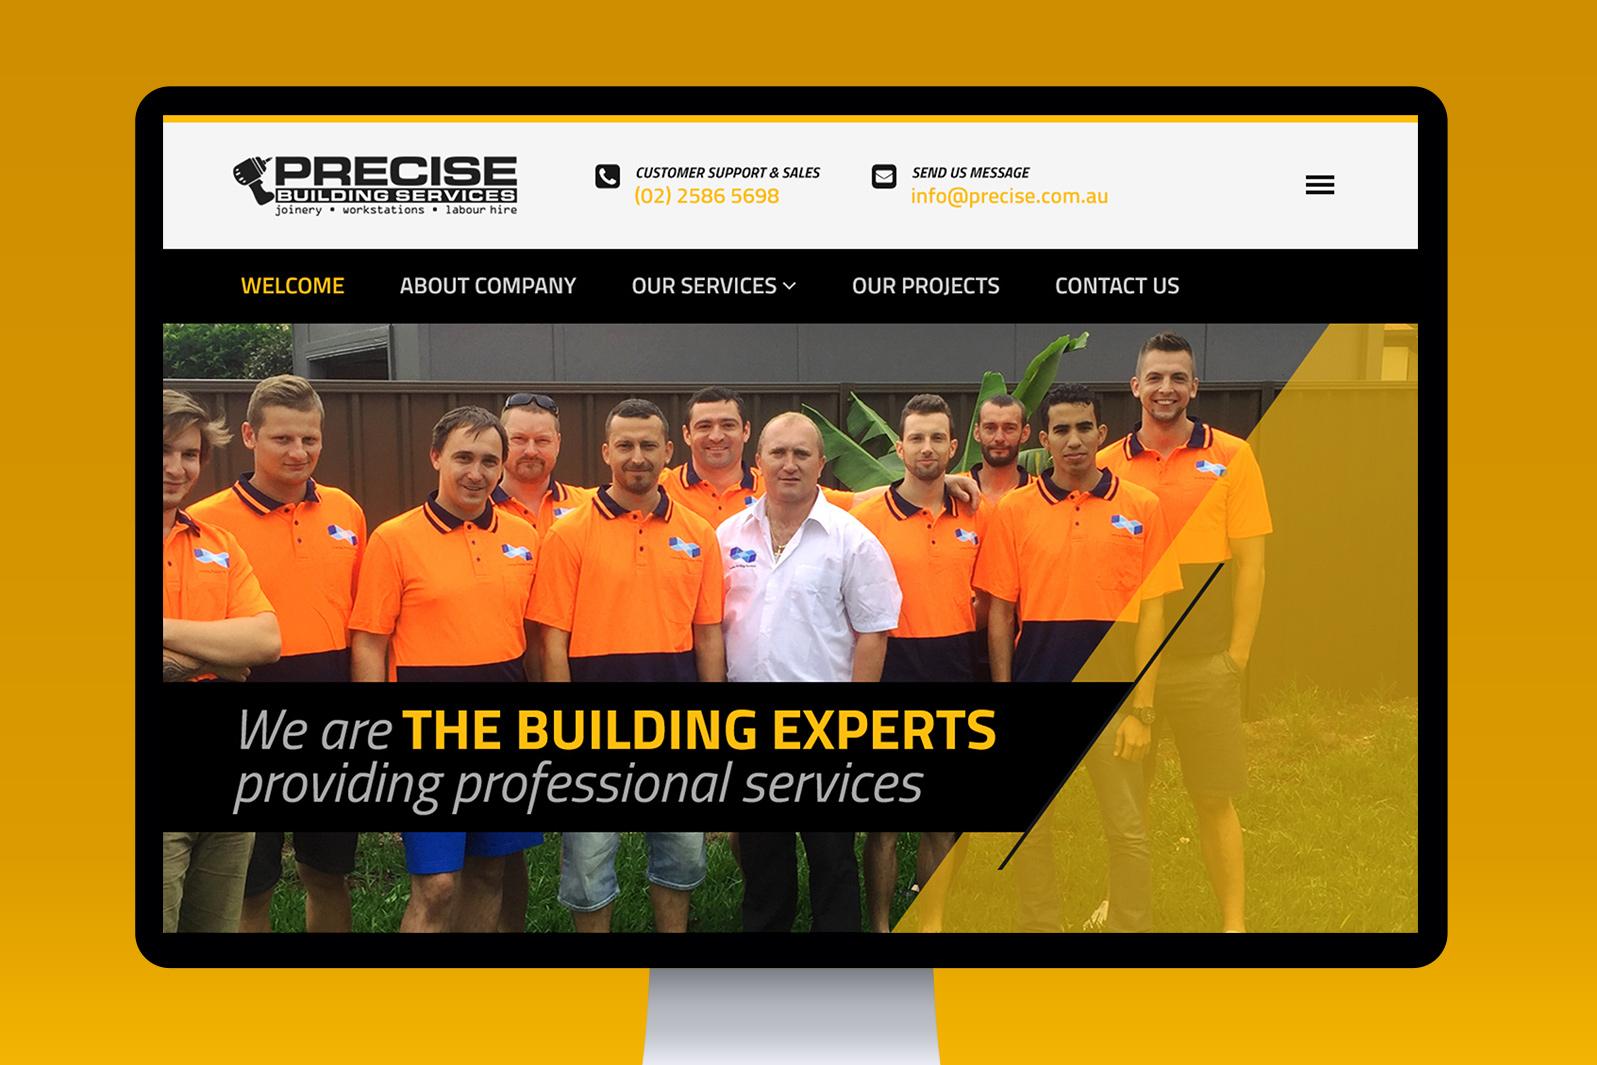 Projekt iwdrożenie responsywnej strony internetowej dla firmy budowlanej Precise